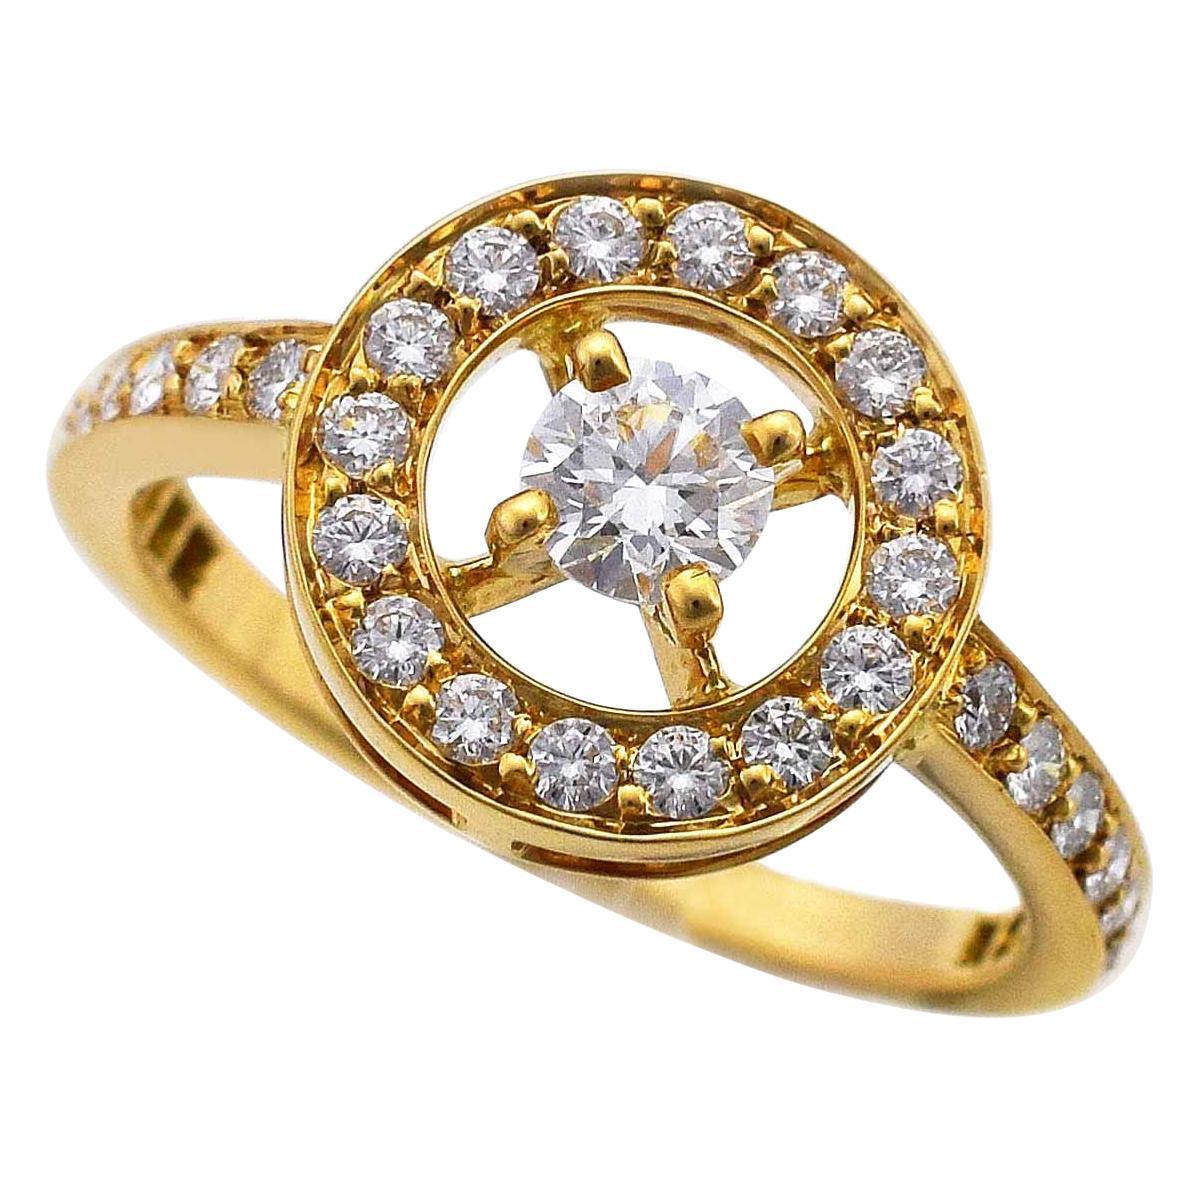 Boucheron 18 Karat Yellow Gold Ava Diamond Ring